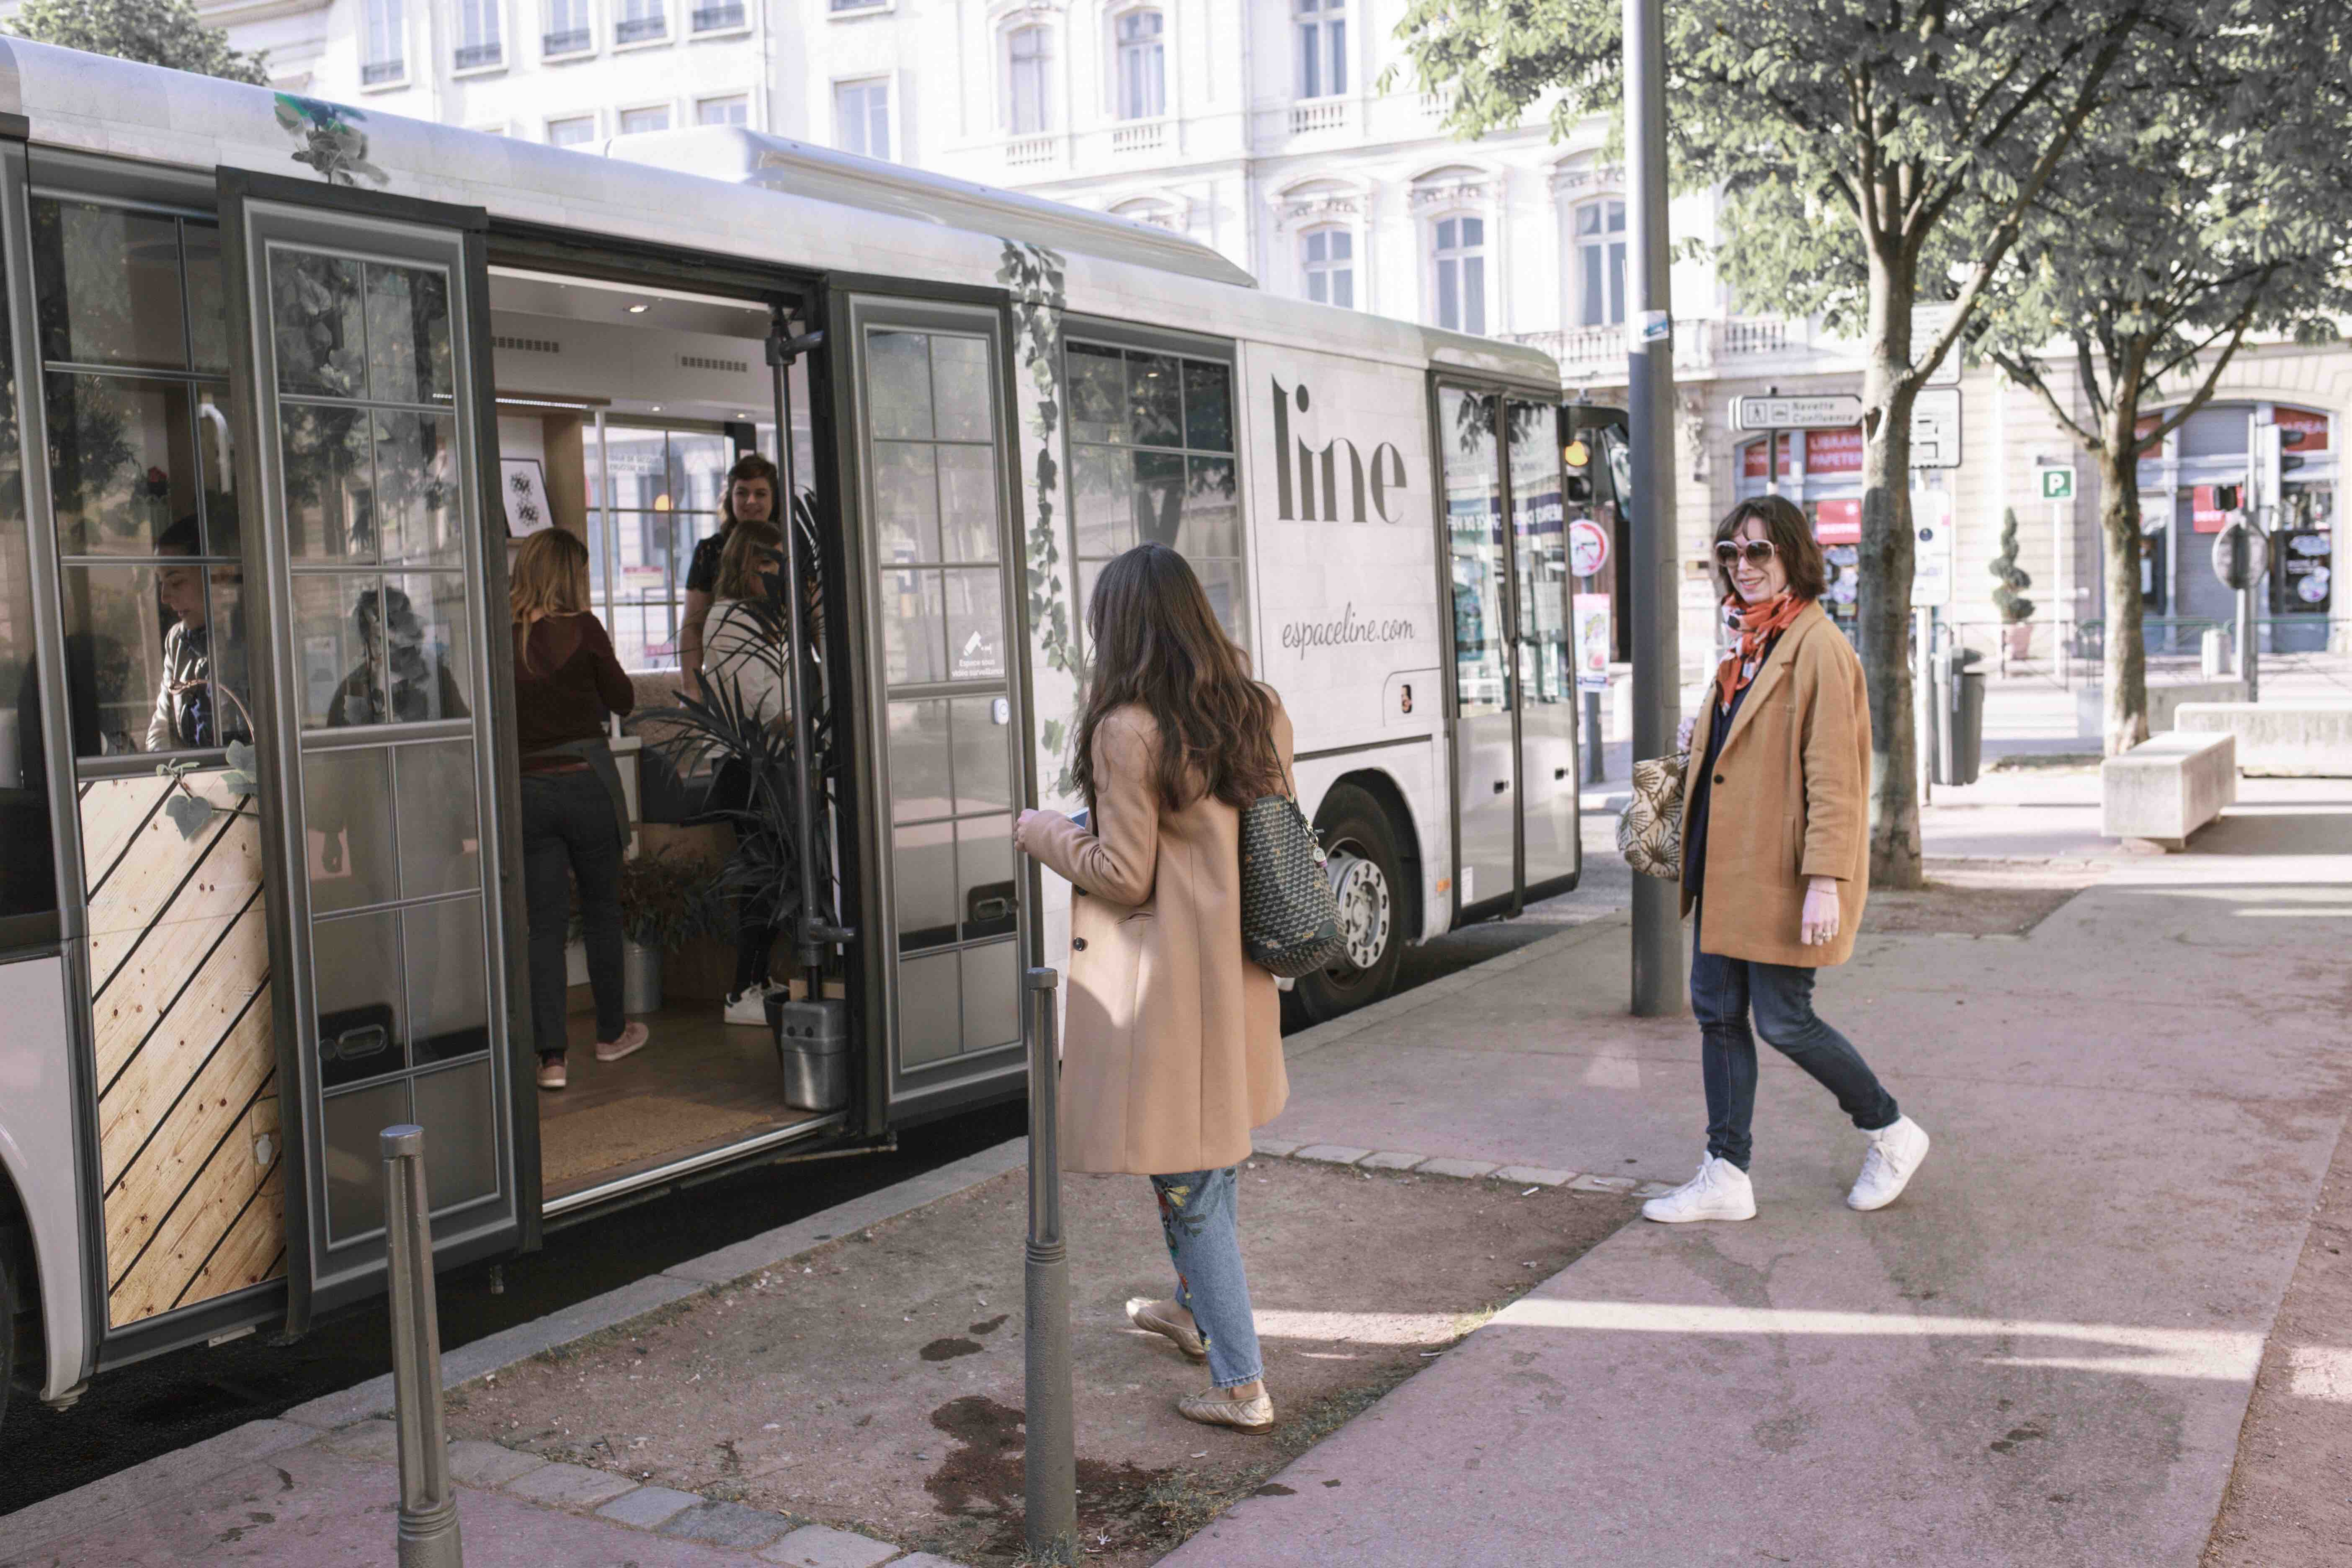 Espace LINE - Entree bus Salon BD